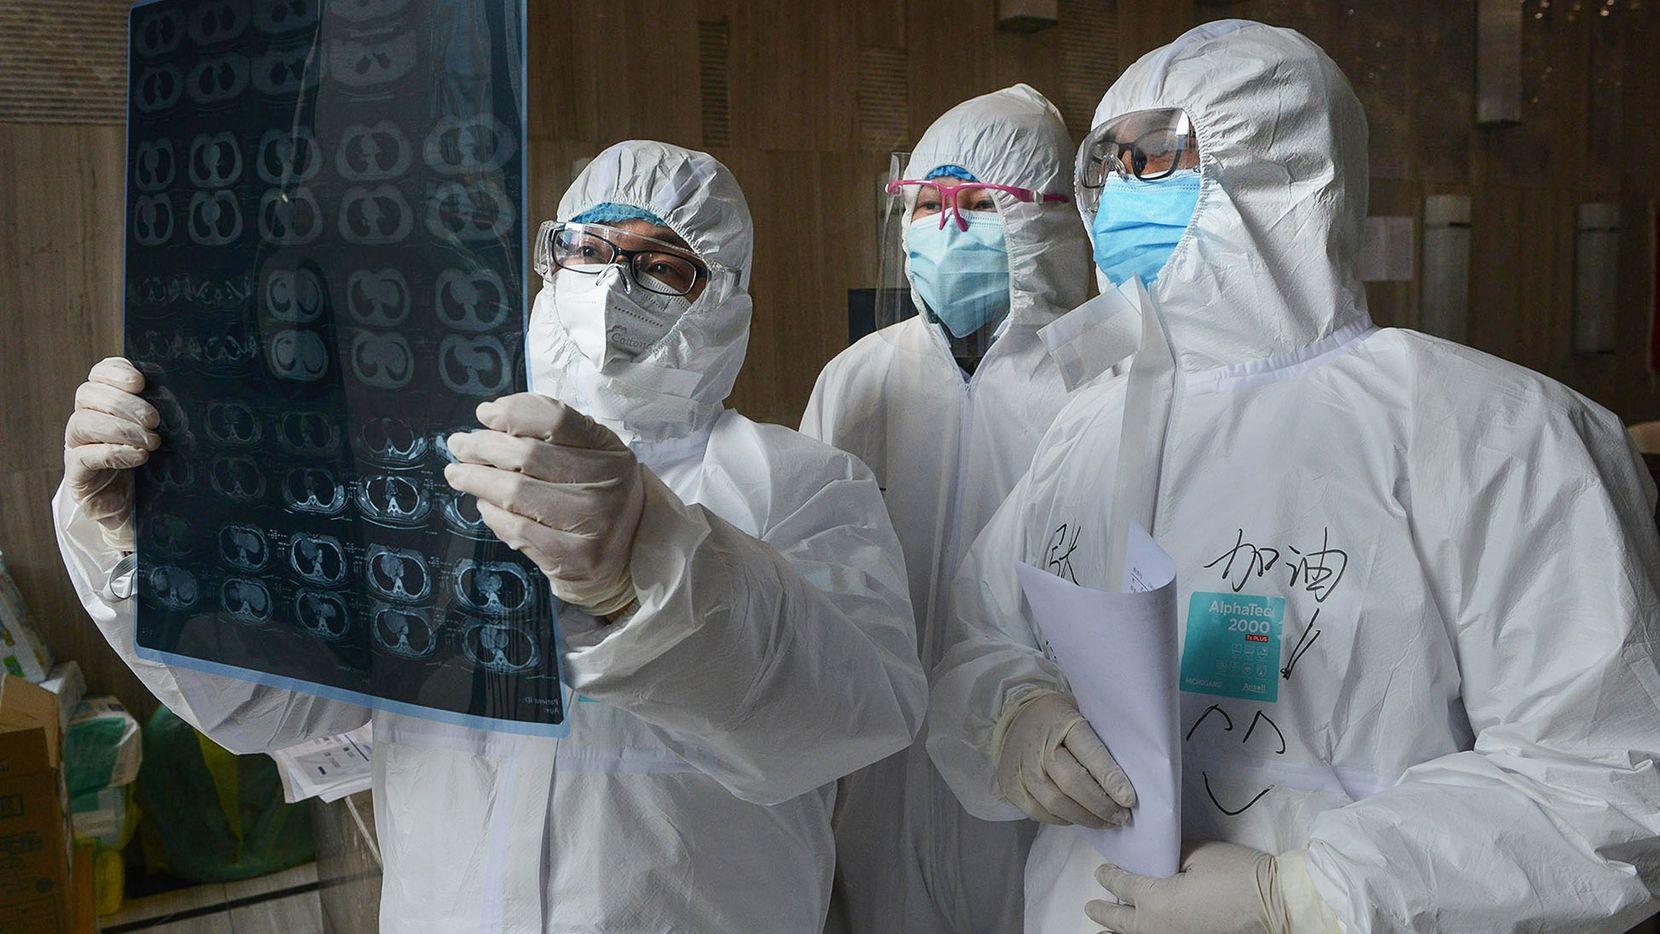 Coronavirus and China